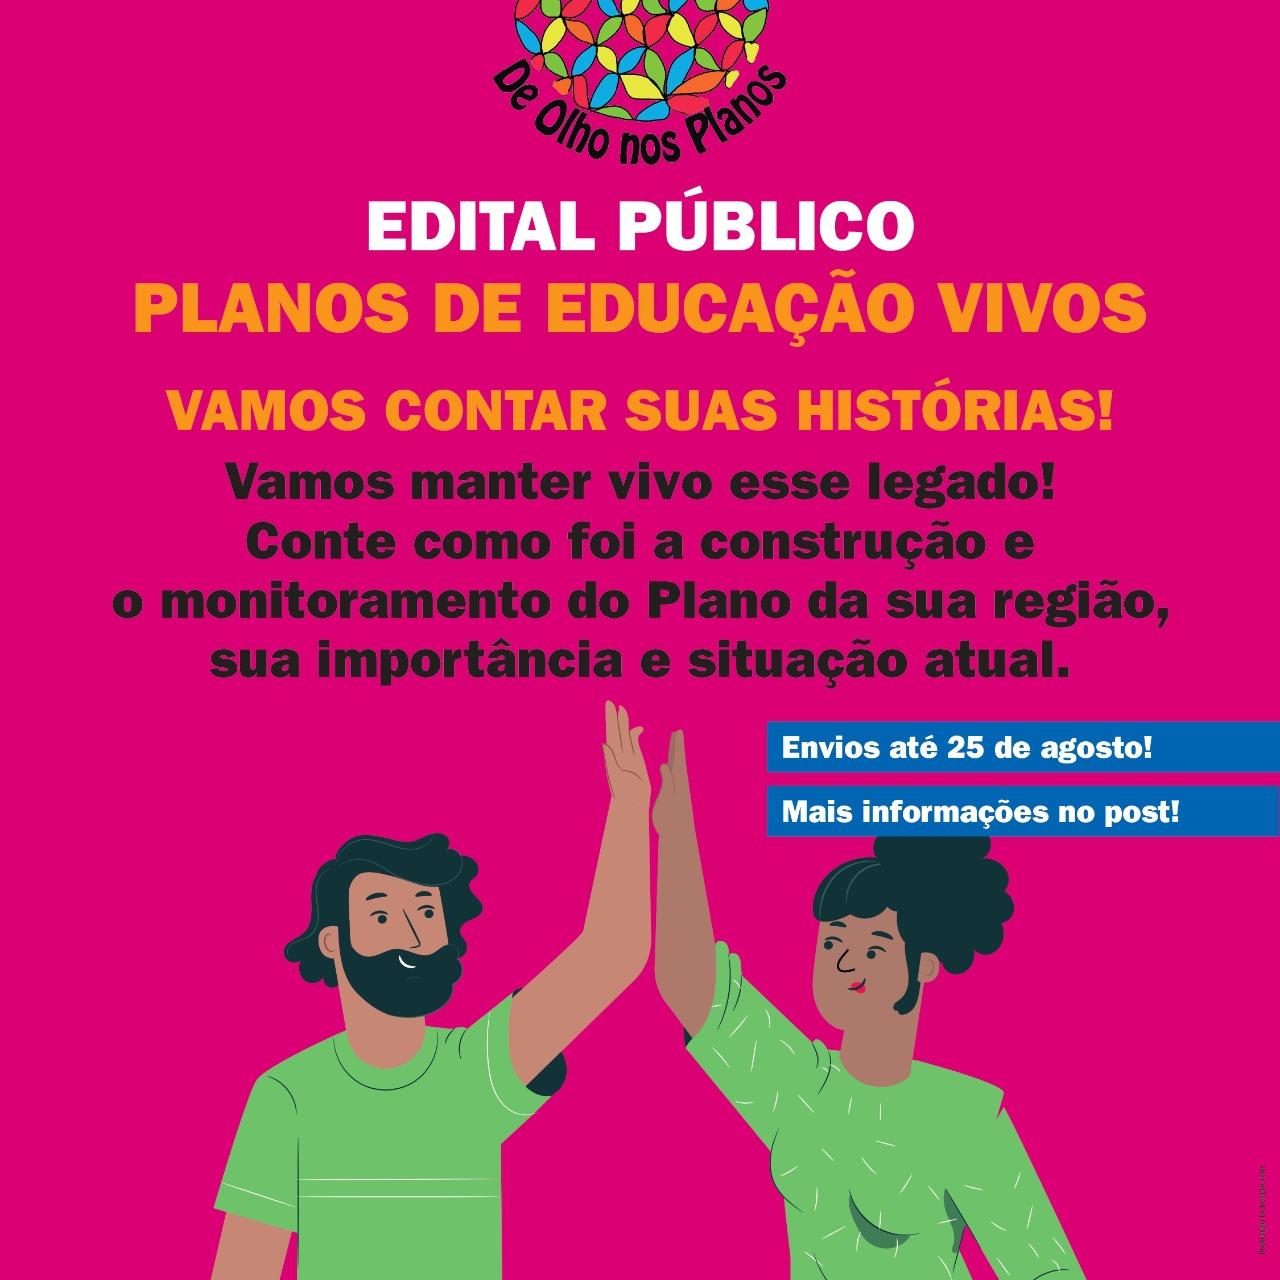 Prorrogada até 25 de agosto inscrição para edital da Iniciativa De Olho Nos Planos